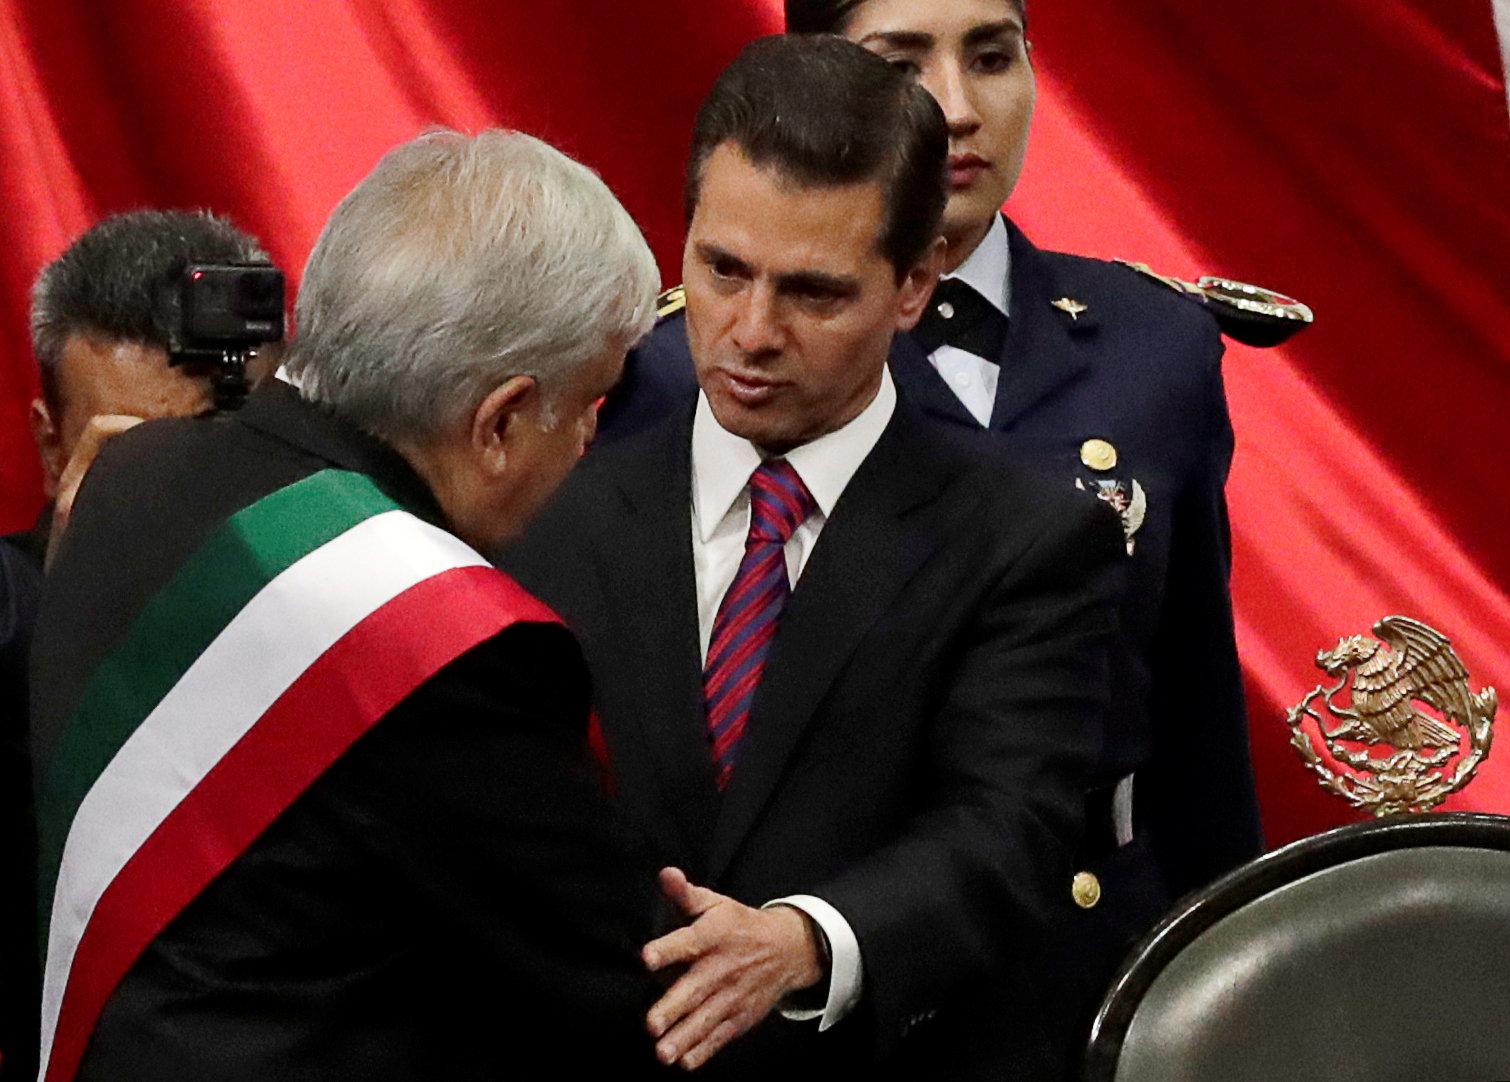 أندريس مانويل لوبيز أوبرادور يتولى منصب الرئيس المكسيكى